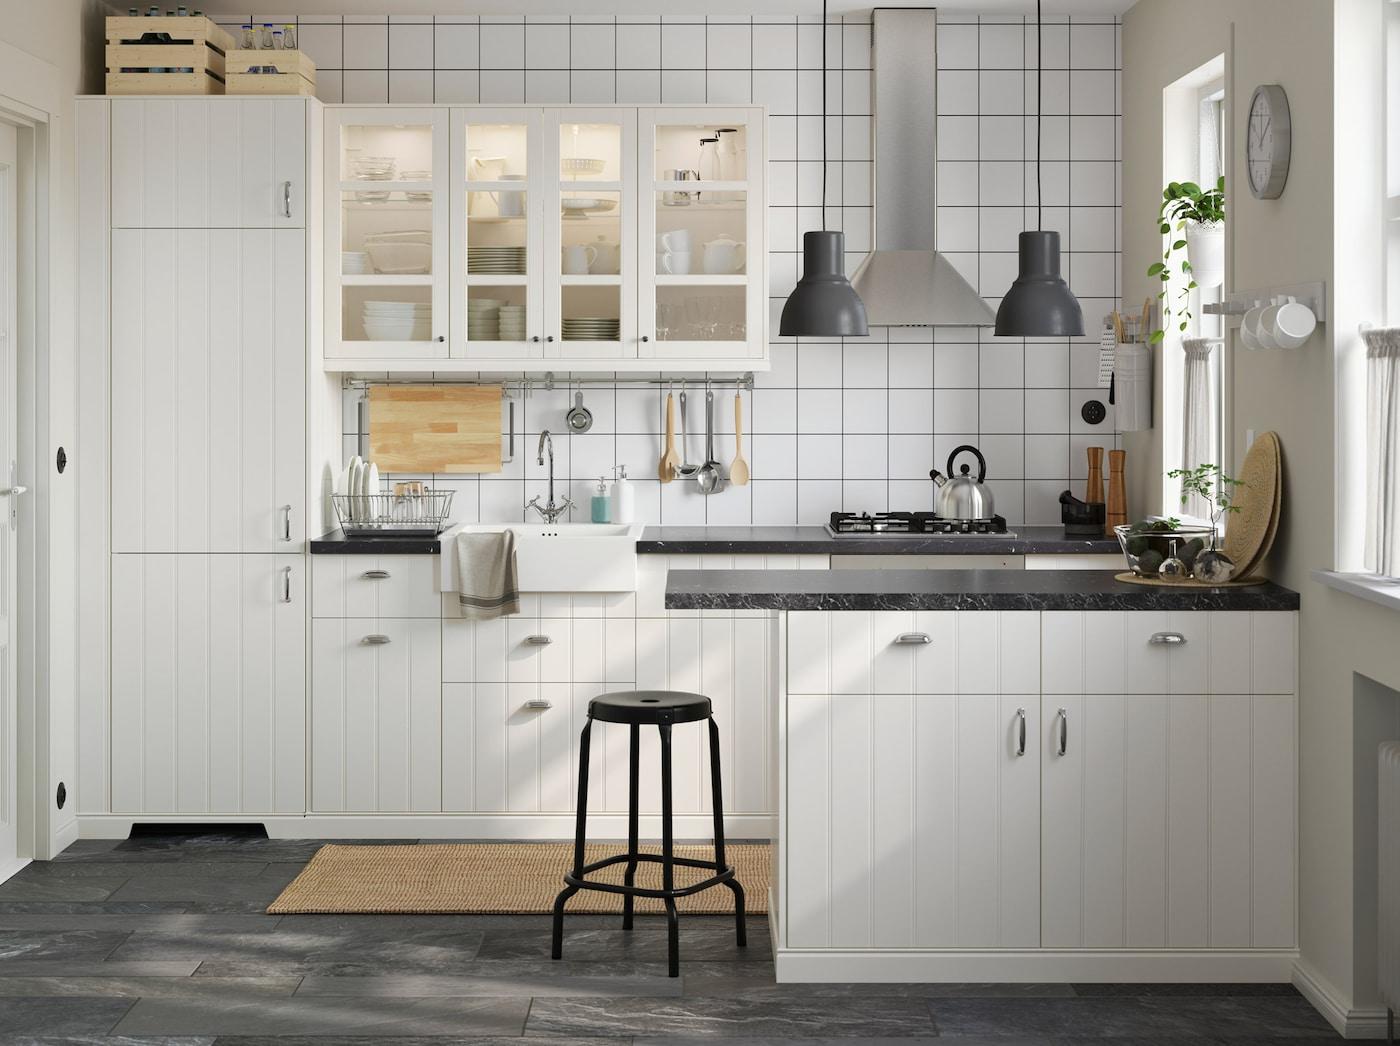 Outdoor Küche Ikea Uk : Küche inspirationen für dein zuhause ikea